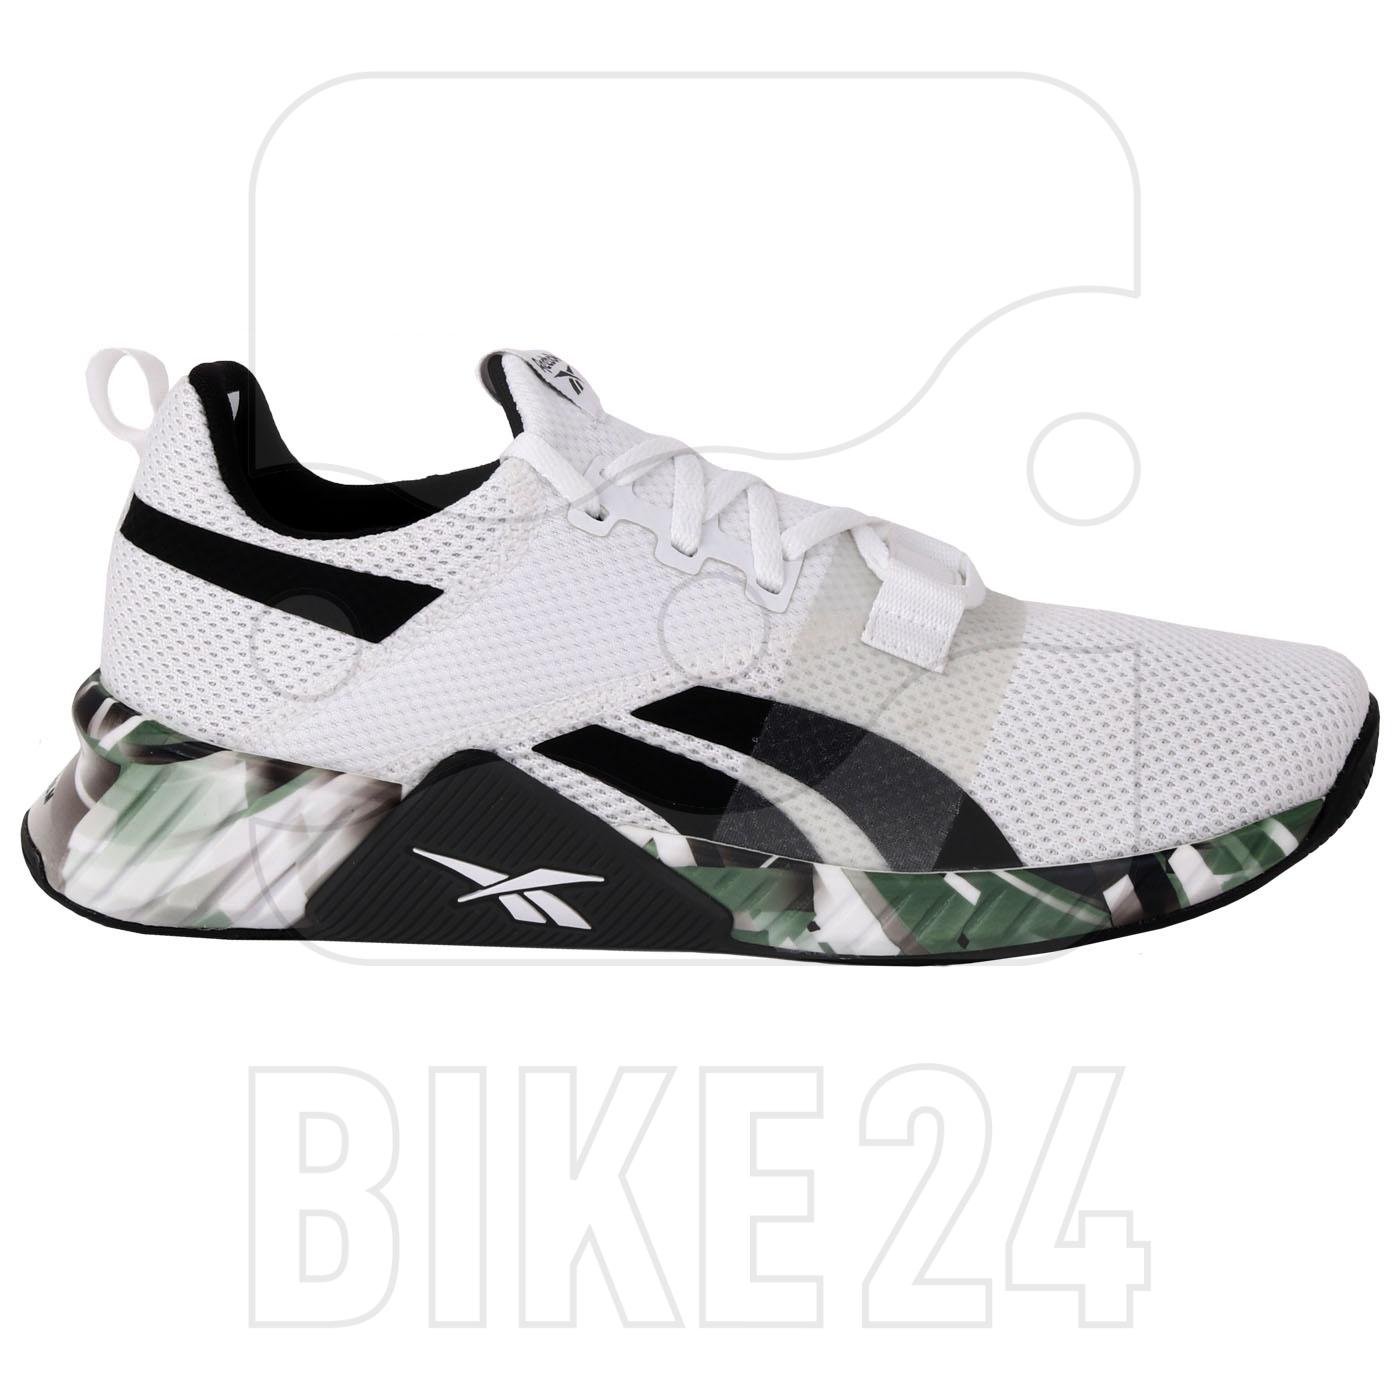 Reebok Männer Flashfilm Train 2 Schuhe - white/black/court green FW8149